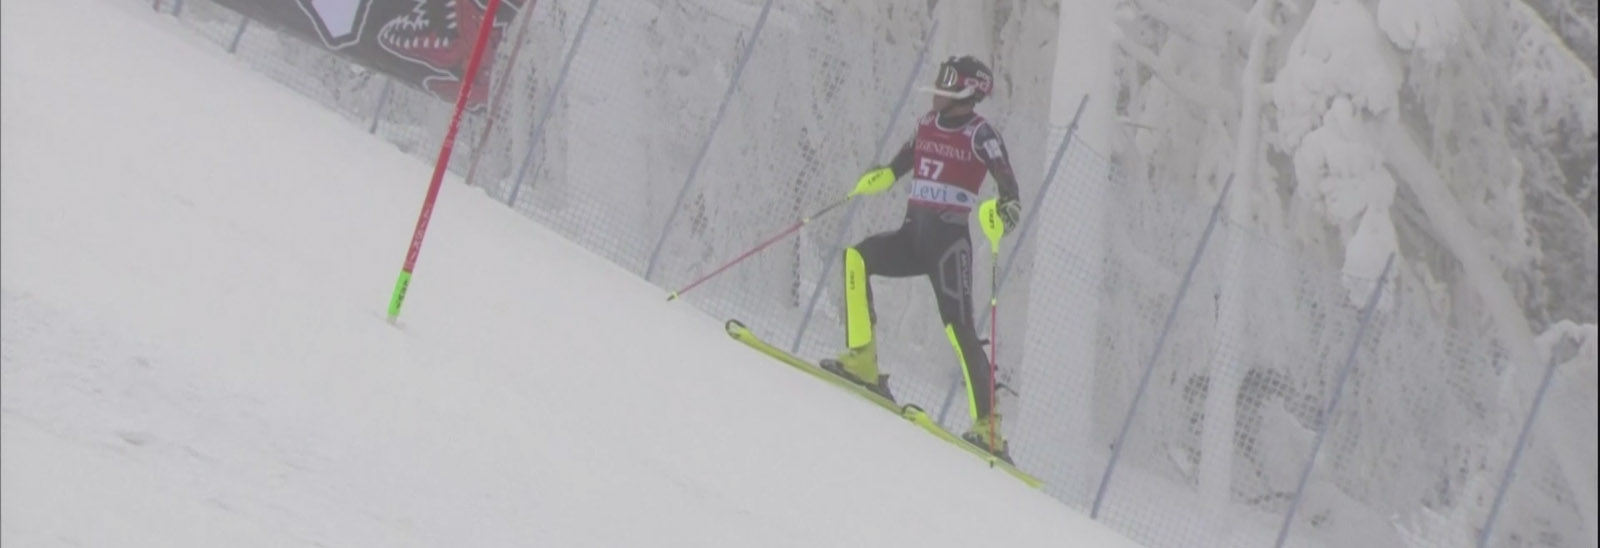 PK slalomā Levi no brāļiem Zvejniekiem finišē tikai Miks